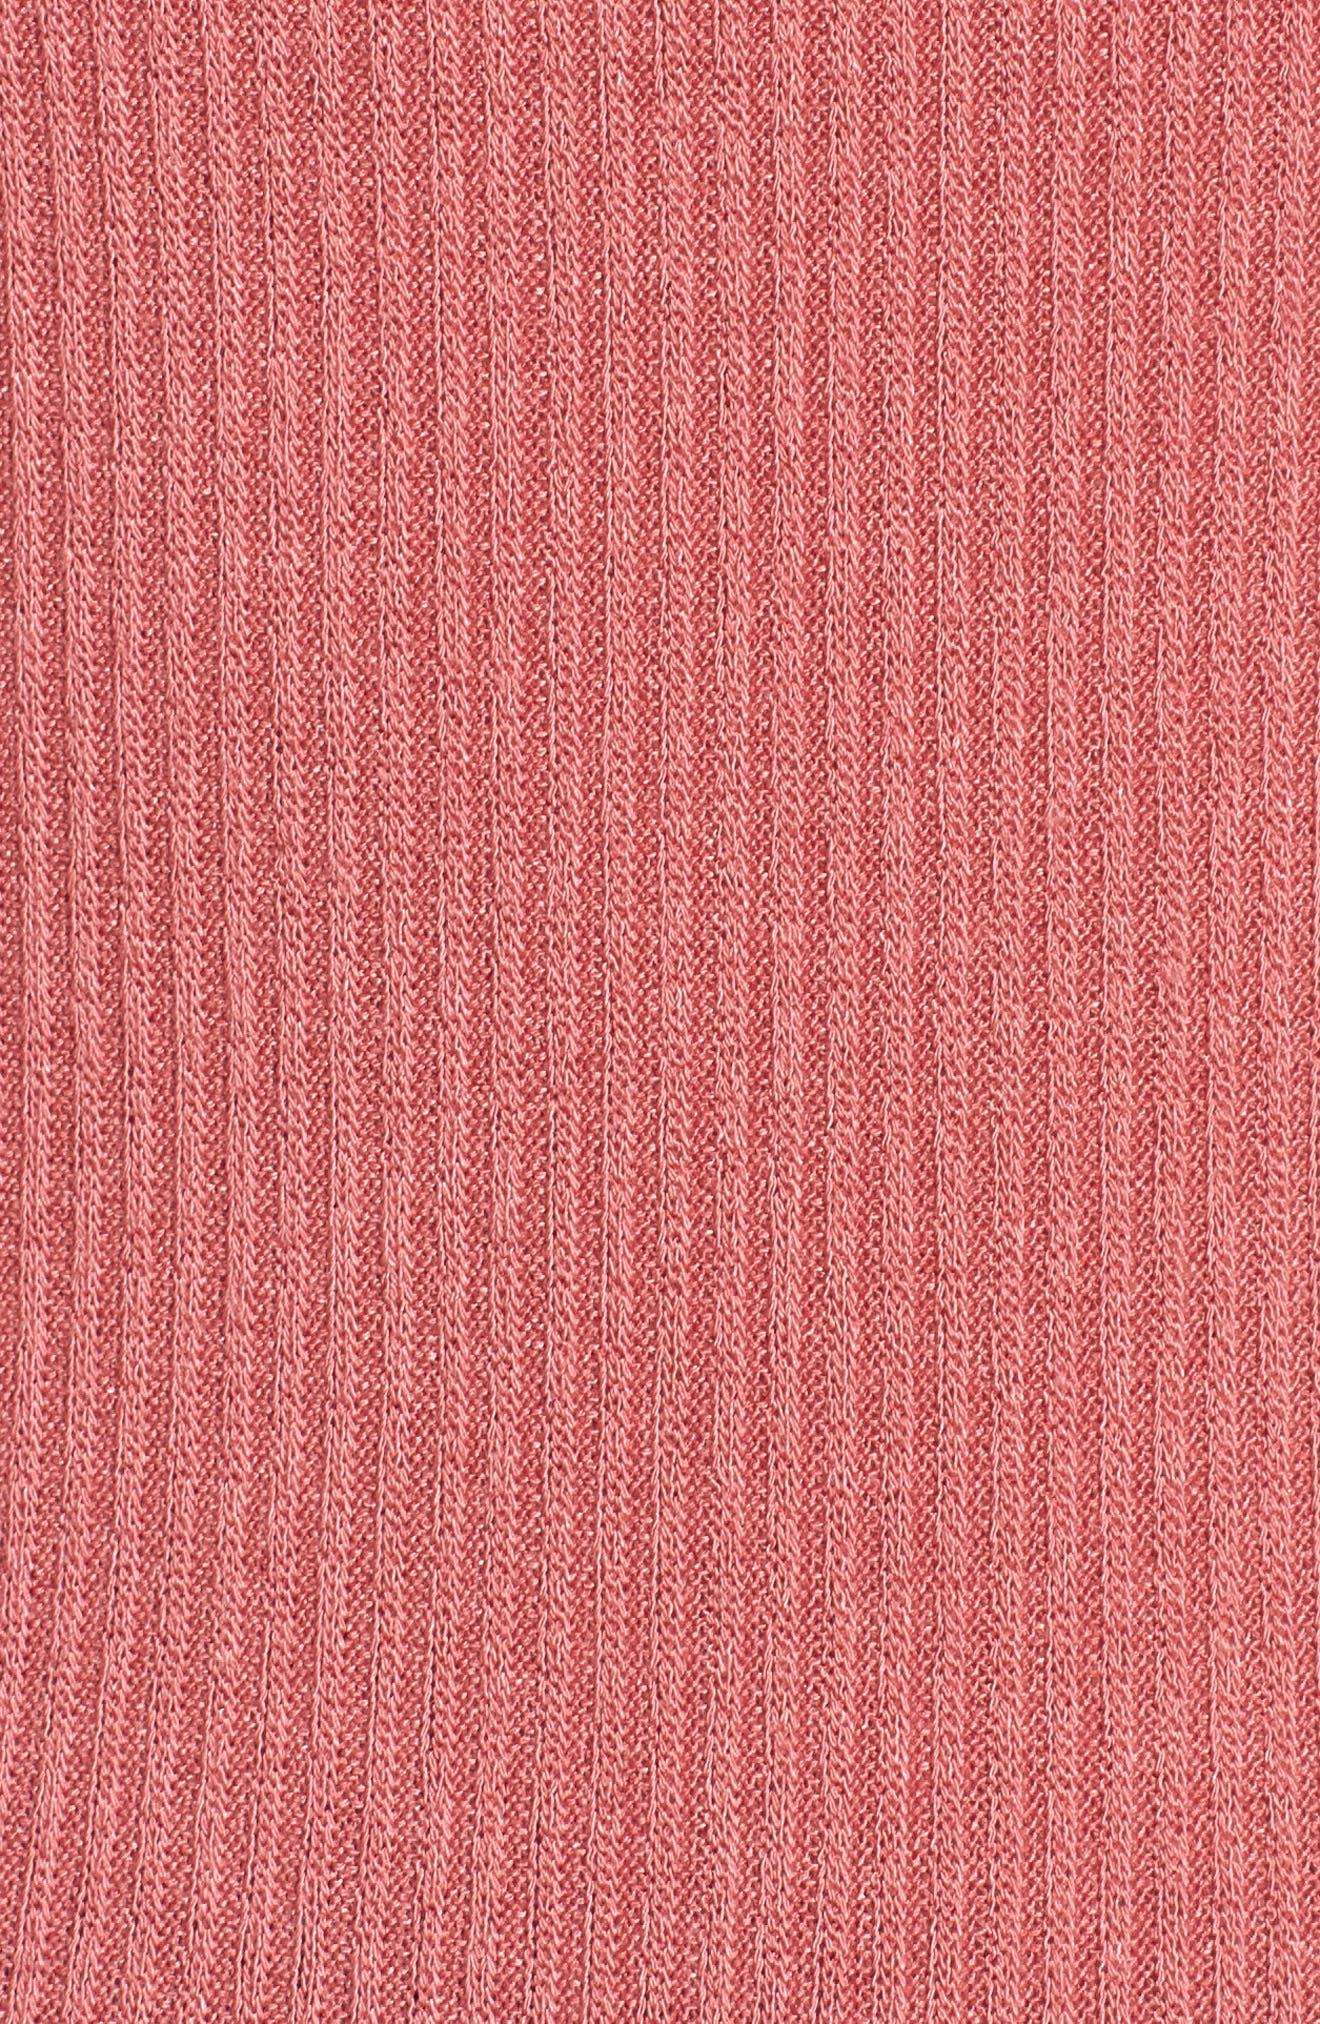 Rib Knit Tank,                             Alternate thumbnail 6, color,                             650